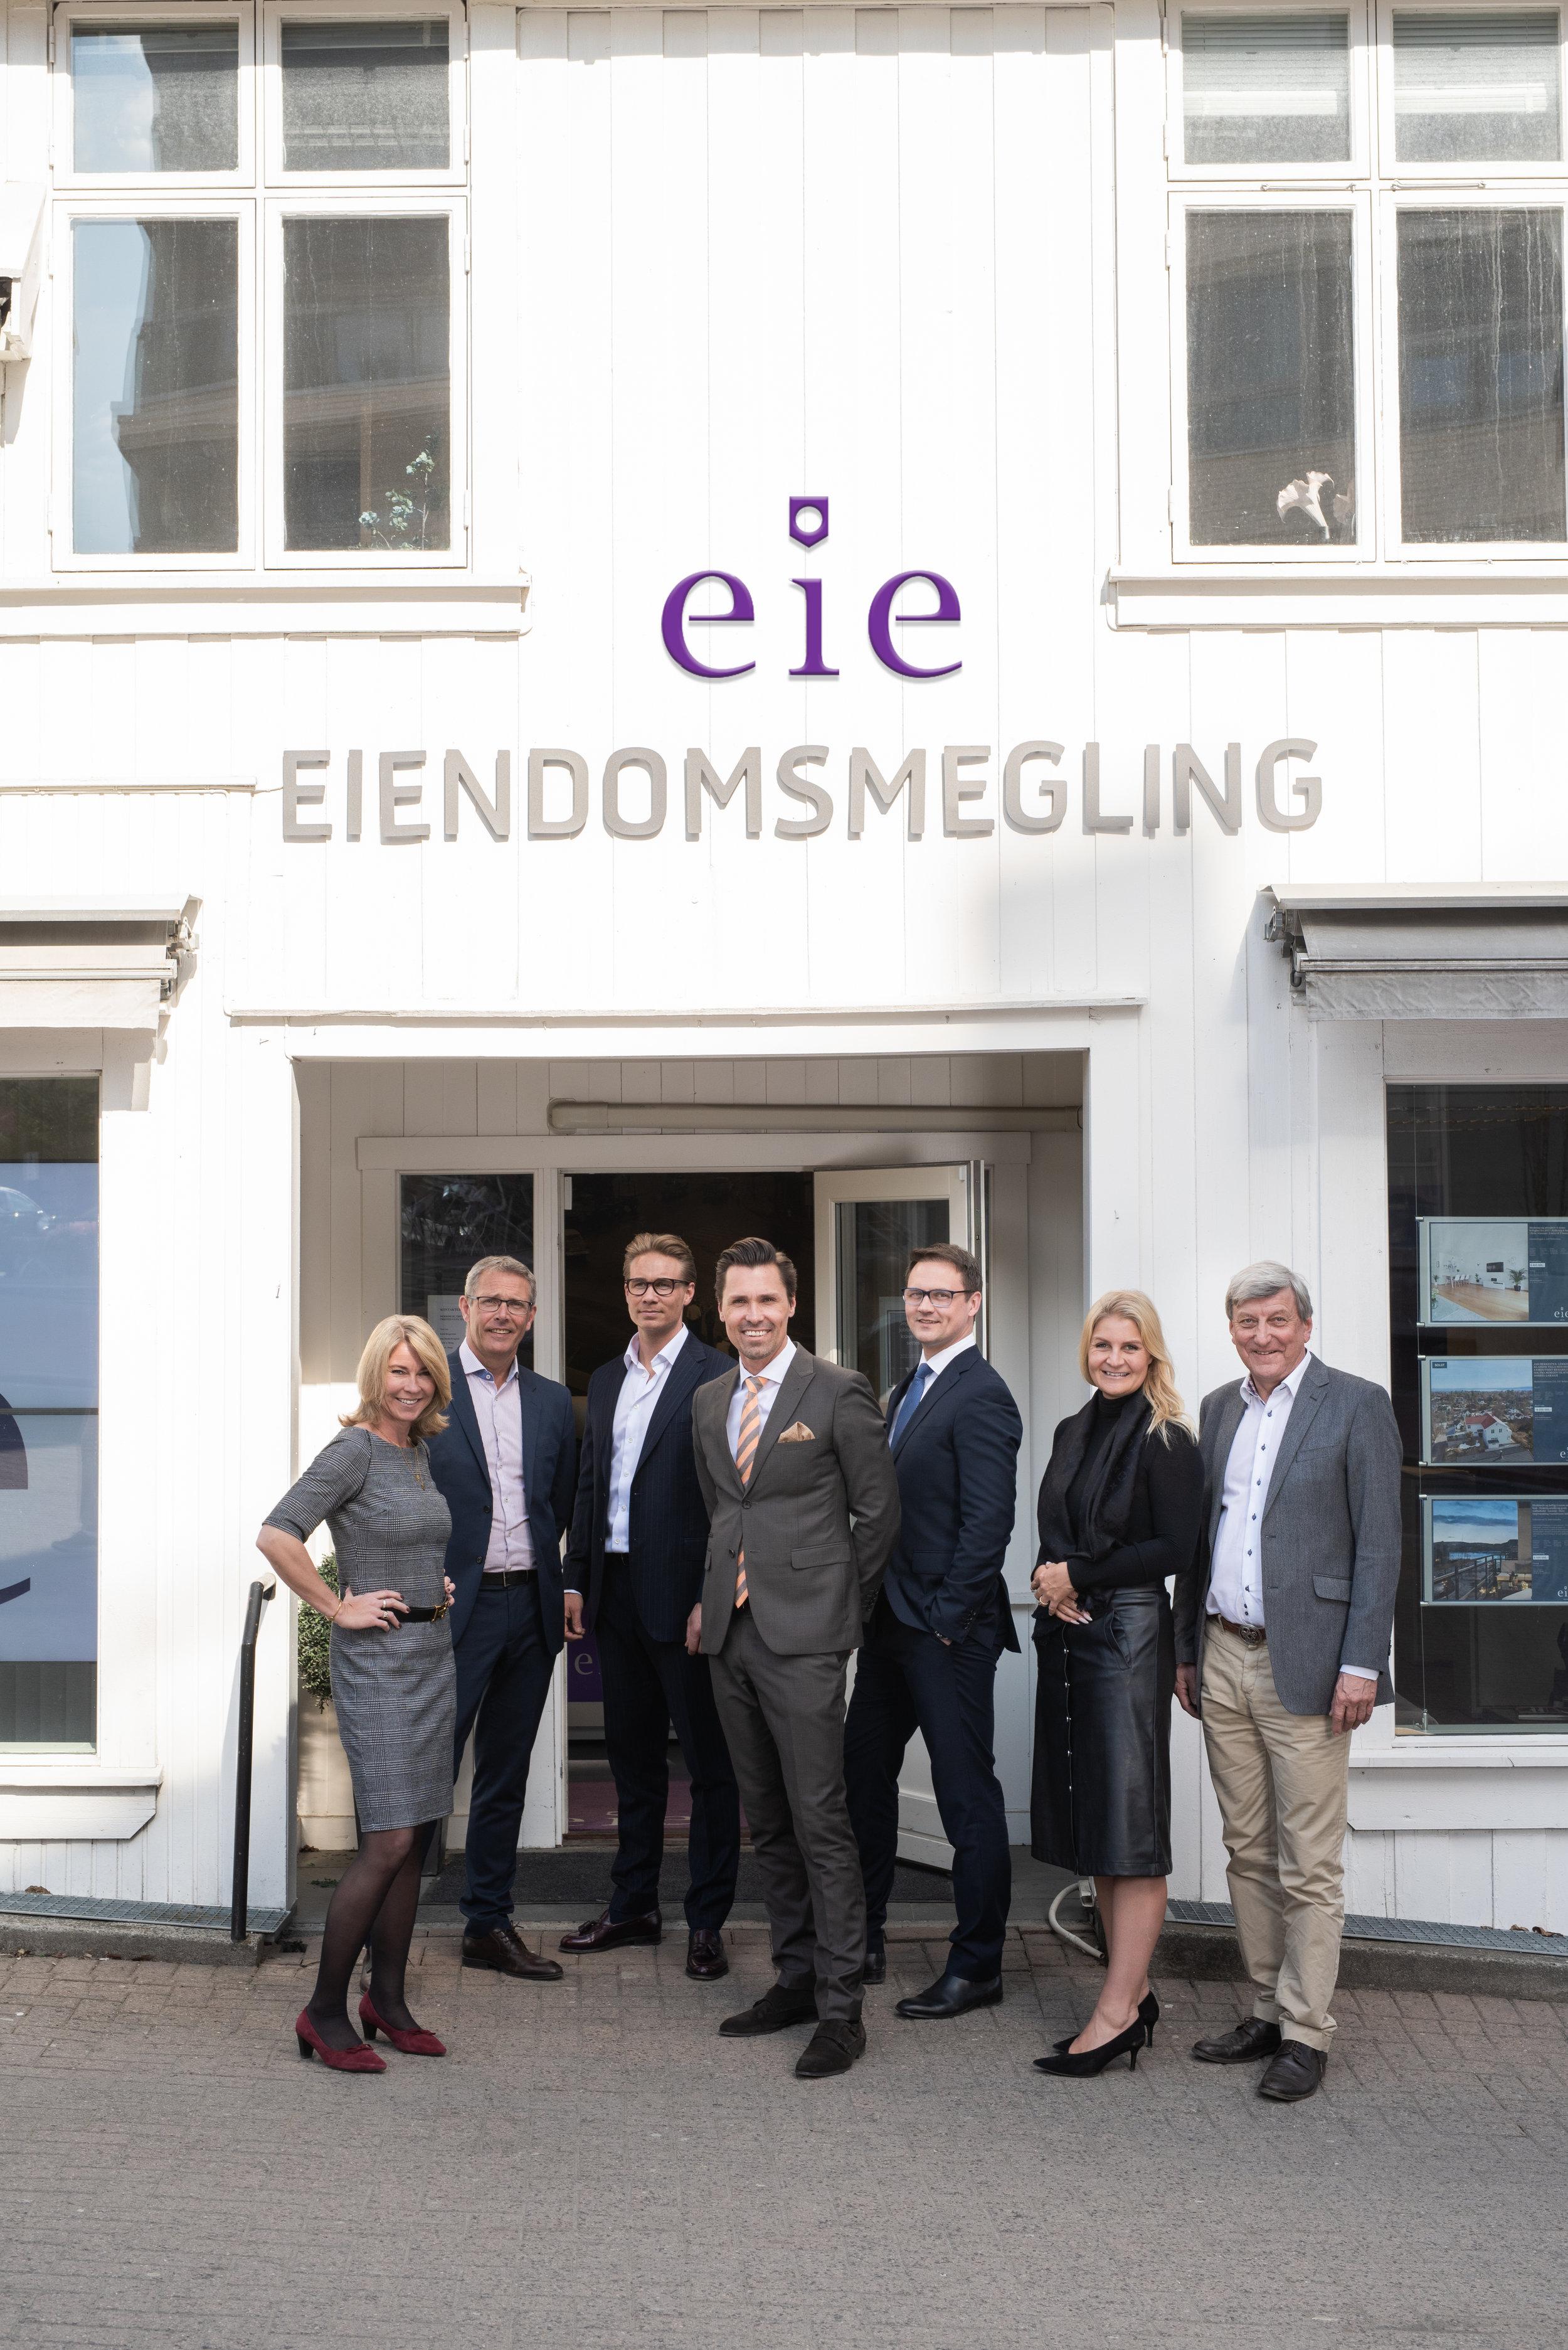 Eie_Gruppe_Marianne_Wåhlberg-1.jpg